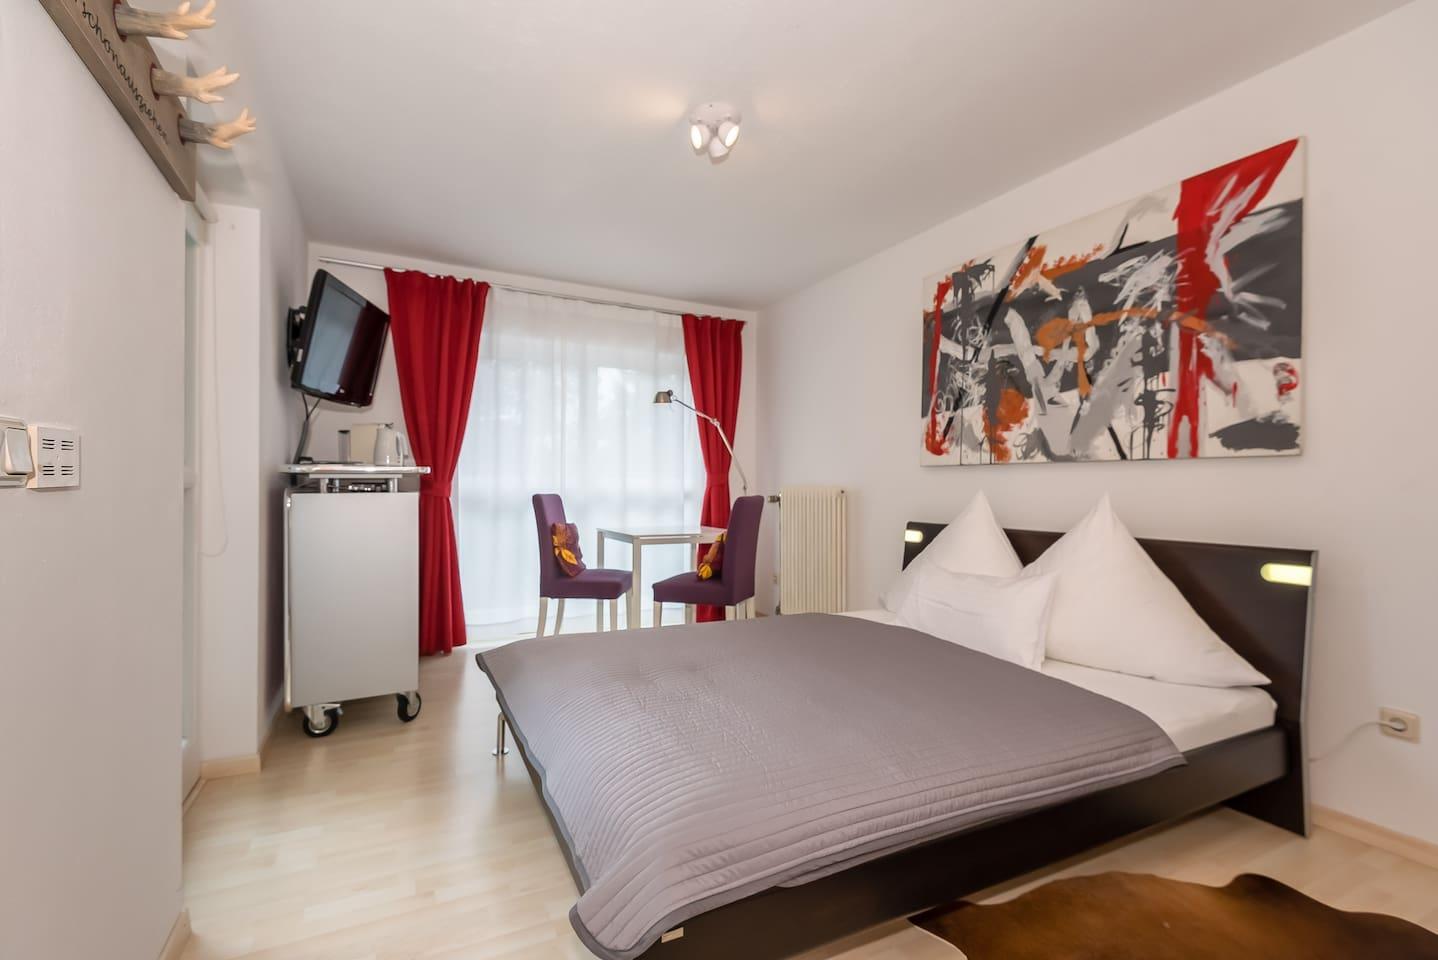 Ruhiges Appartement im Garten für ein oder zwei Gäste mit Hülsta-Doppelbett (160 x 200 cm), Kabel Flat-TV, WLAN, Kühlschrank, Kaffeemaschine, Wasserkocher, großzügiges Bad.